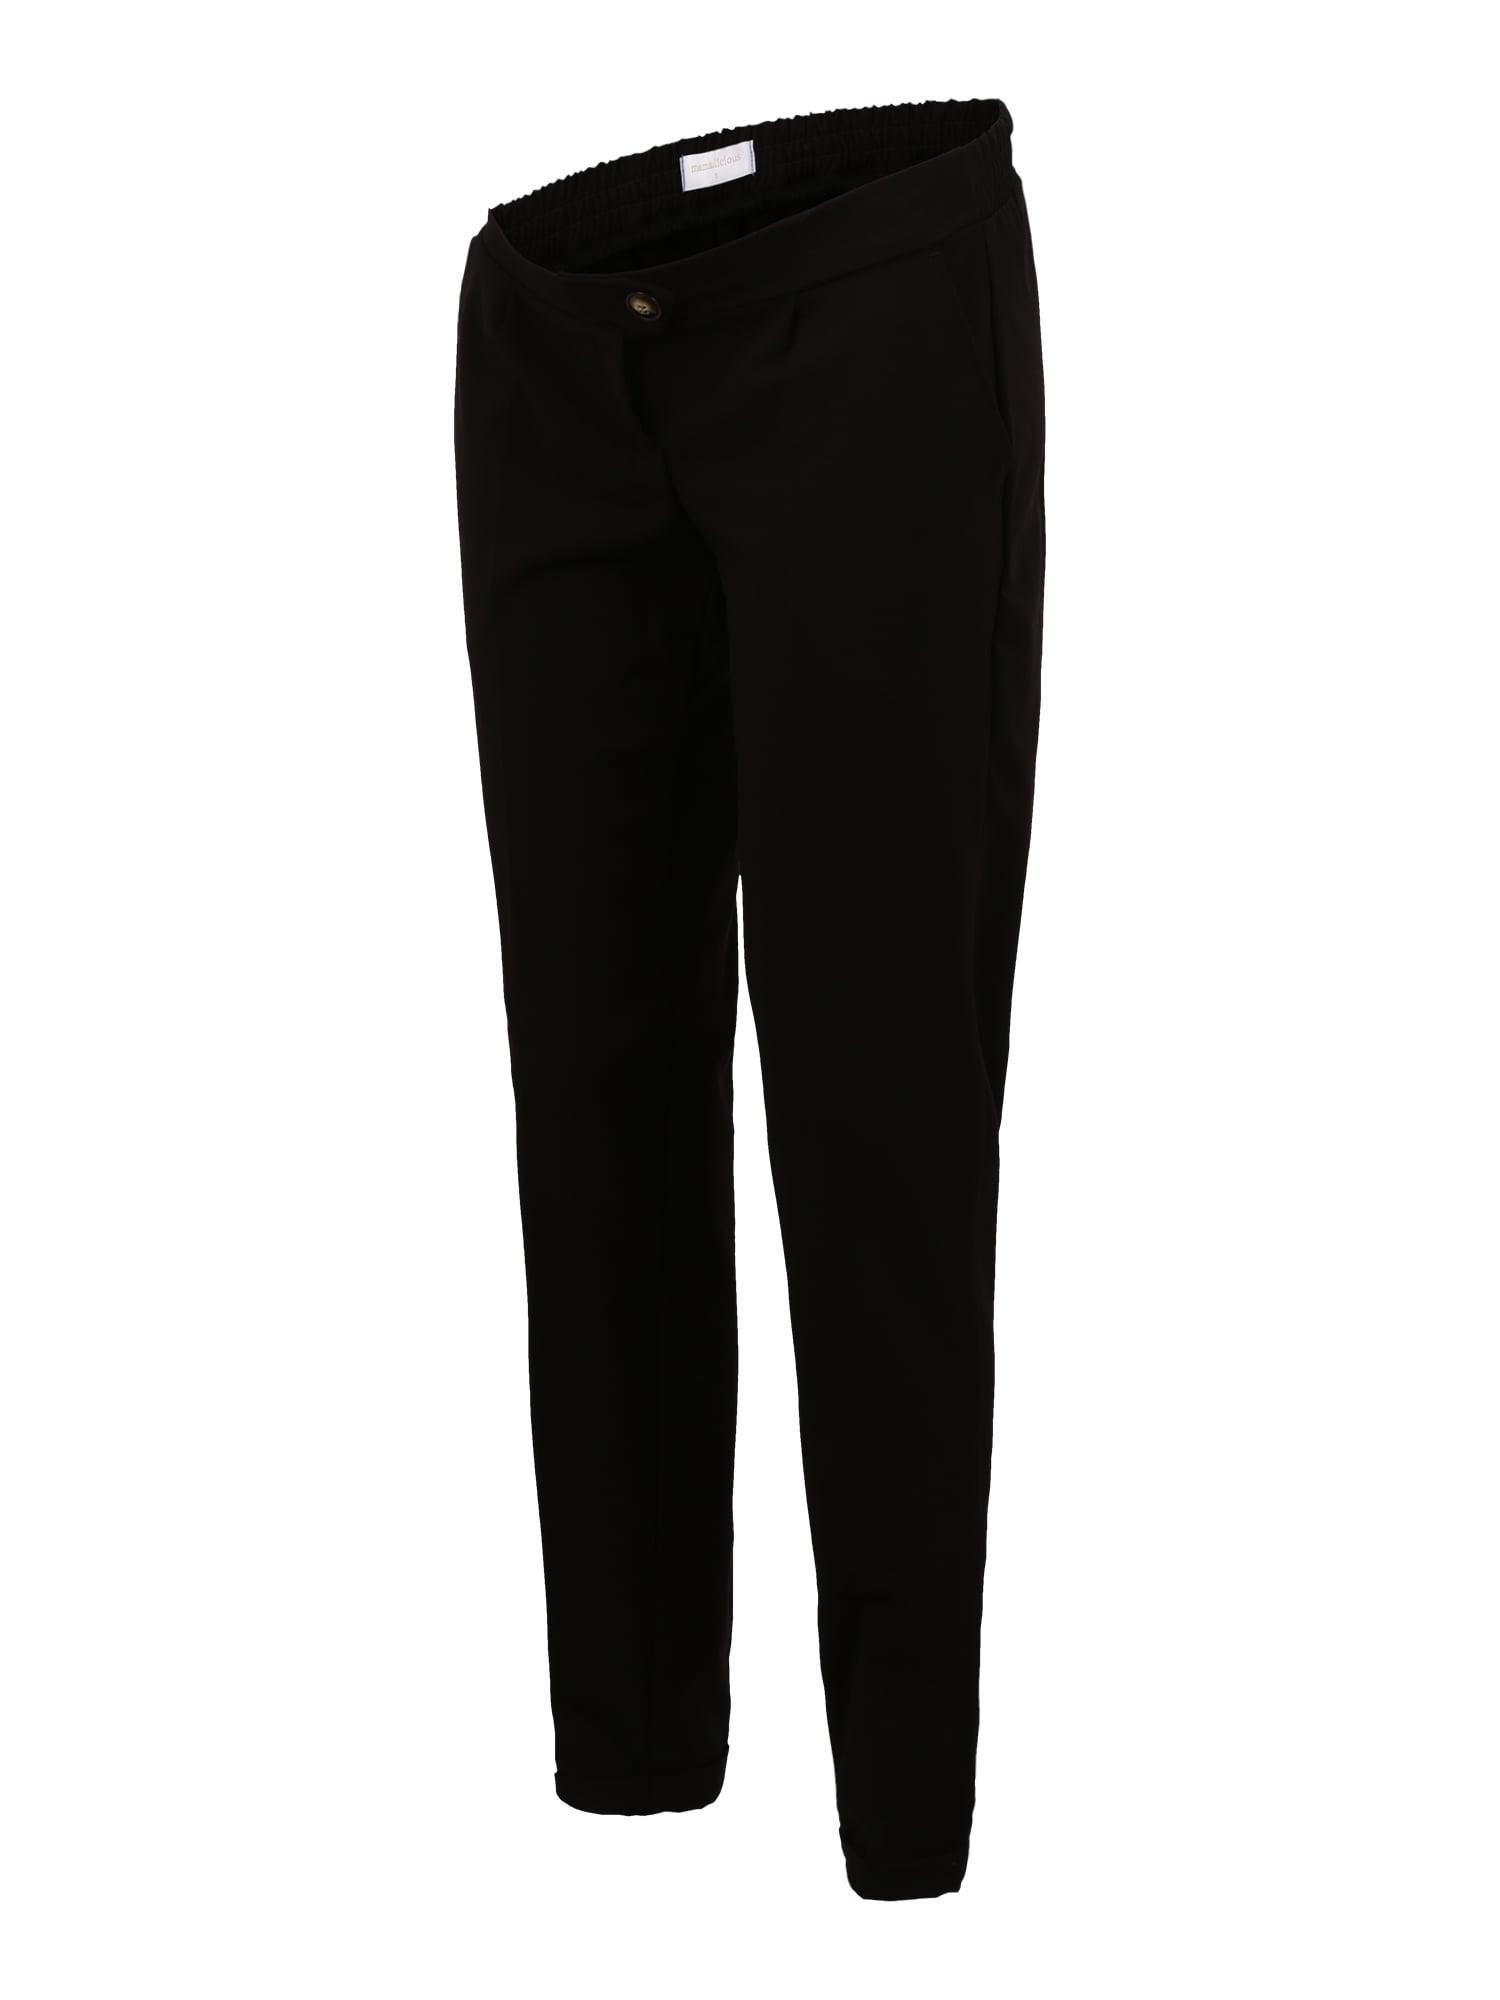 MAMALICIOUS Pantalon à plis  - Noir - Taille: M - female